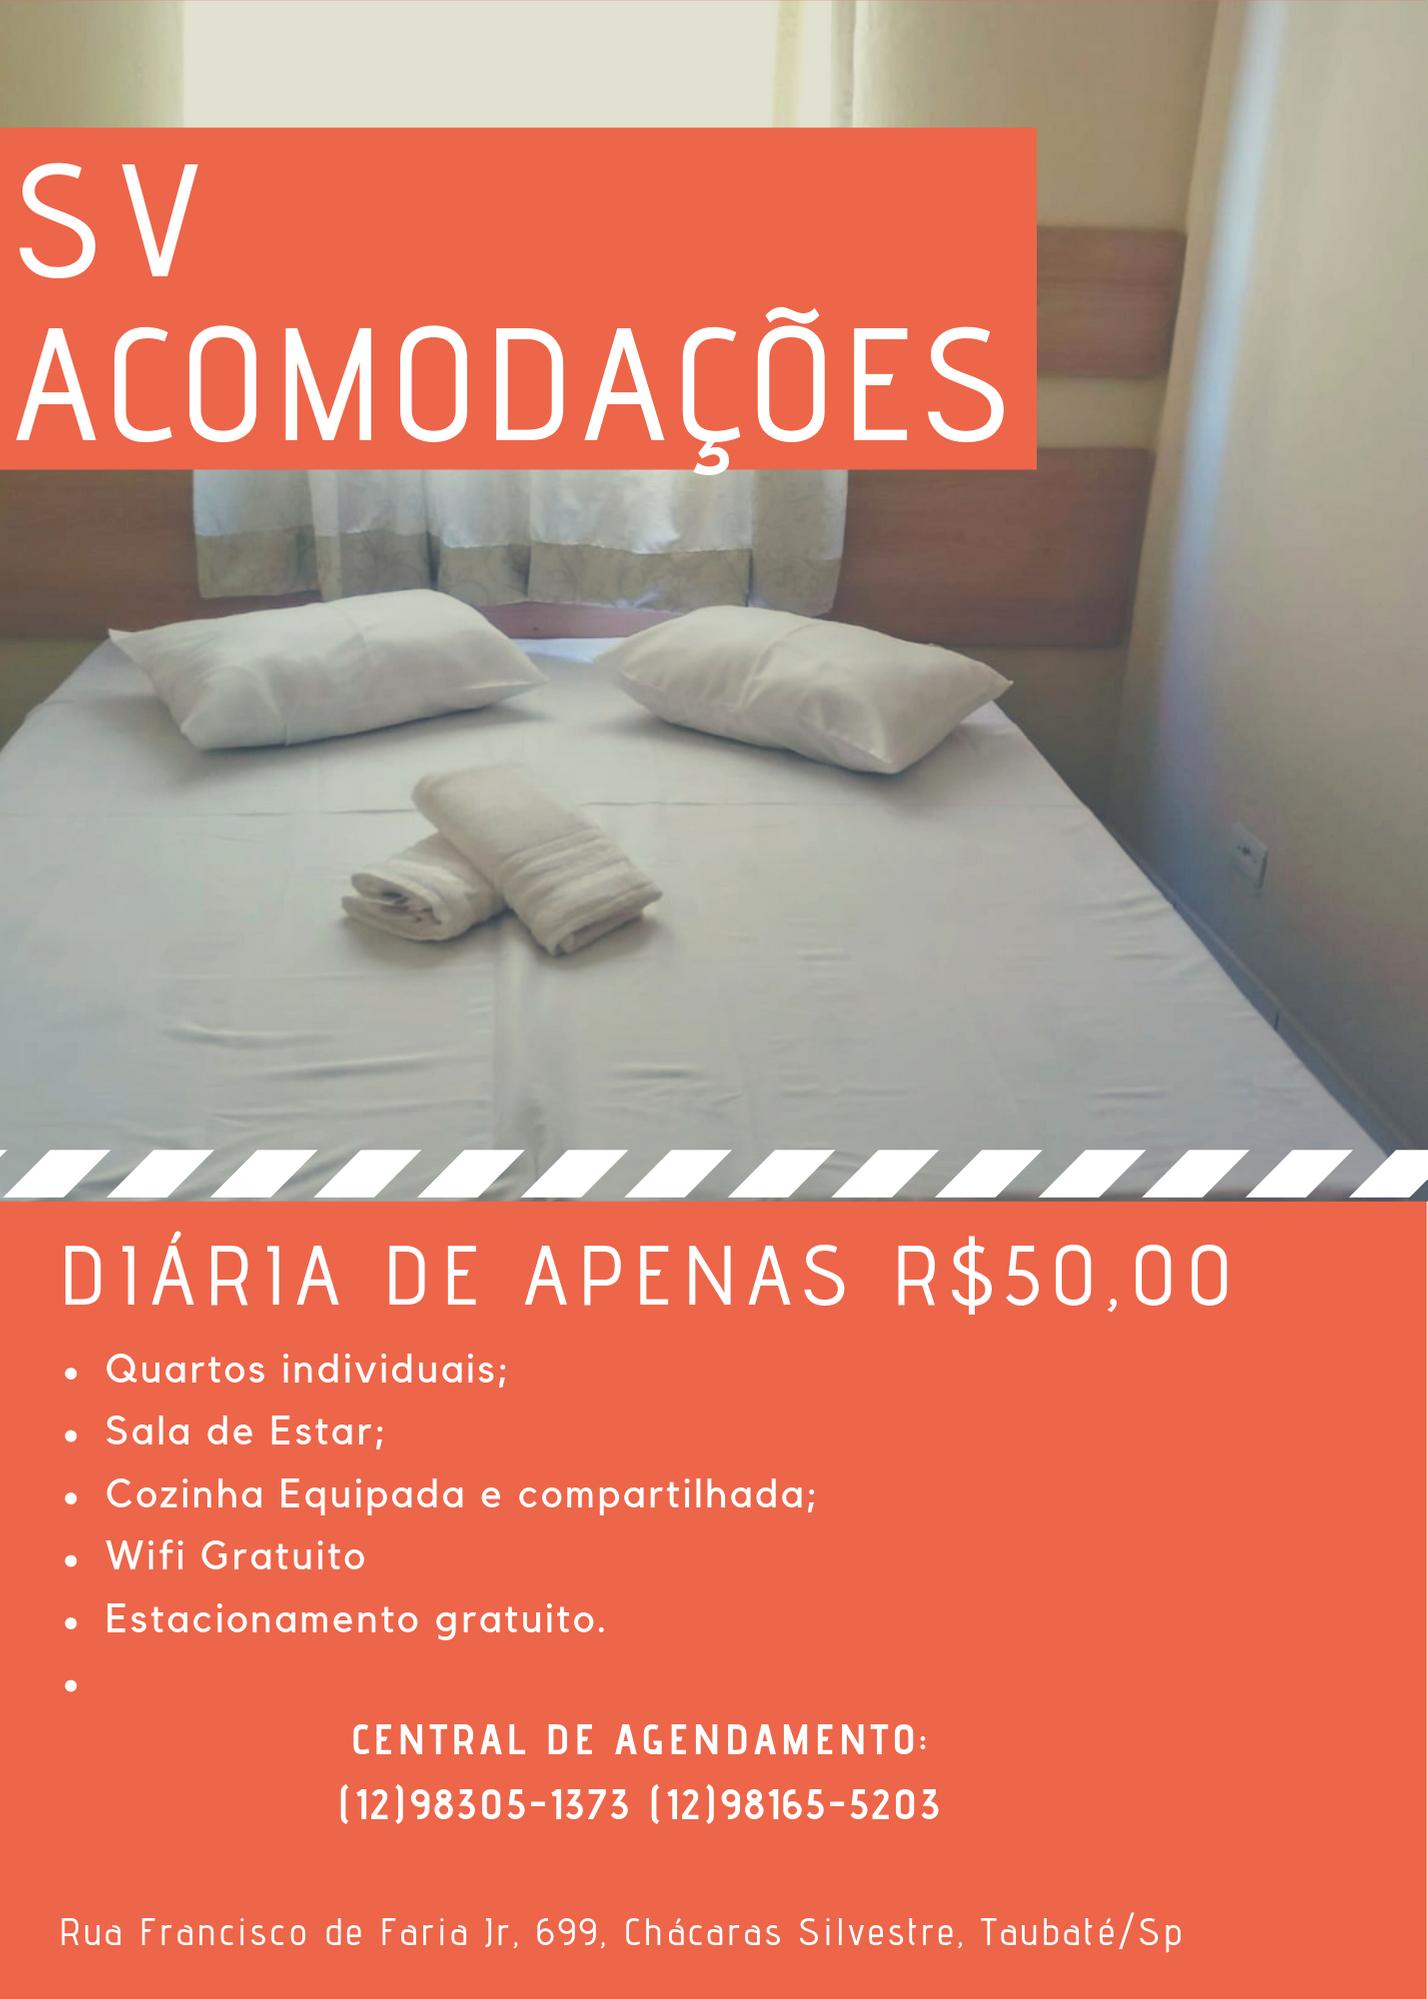 Hotéis em Taubaté baratos